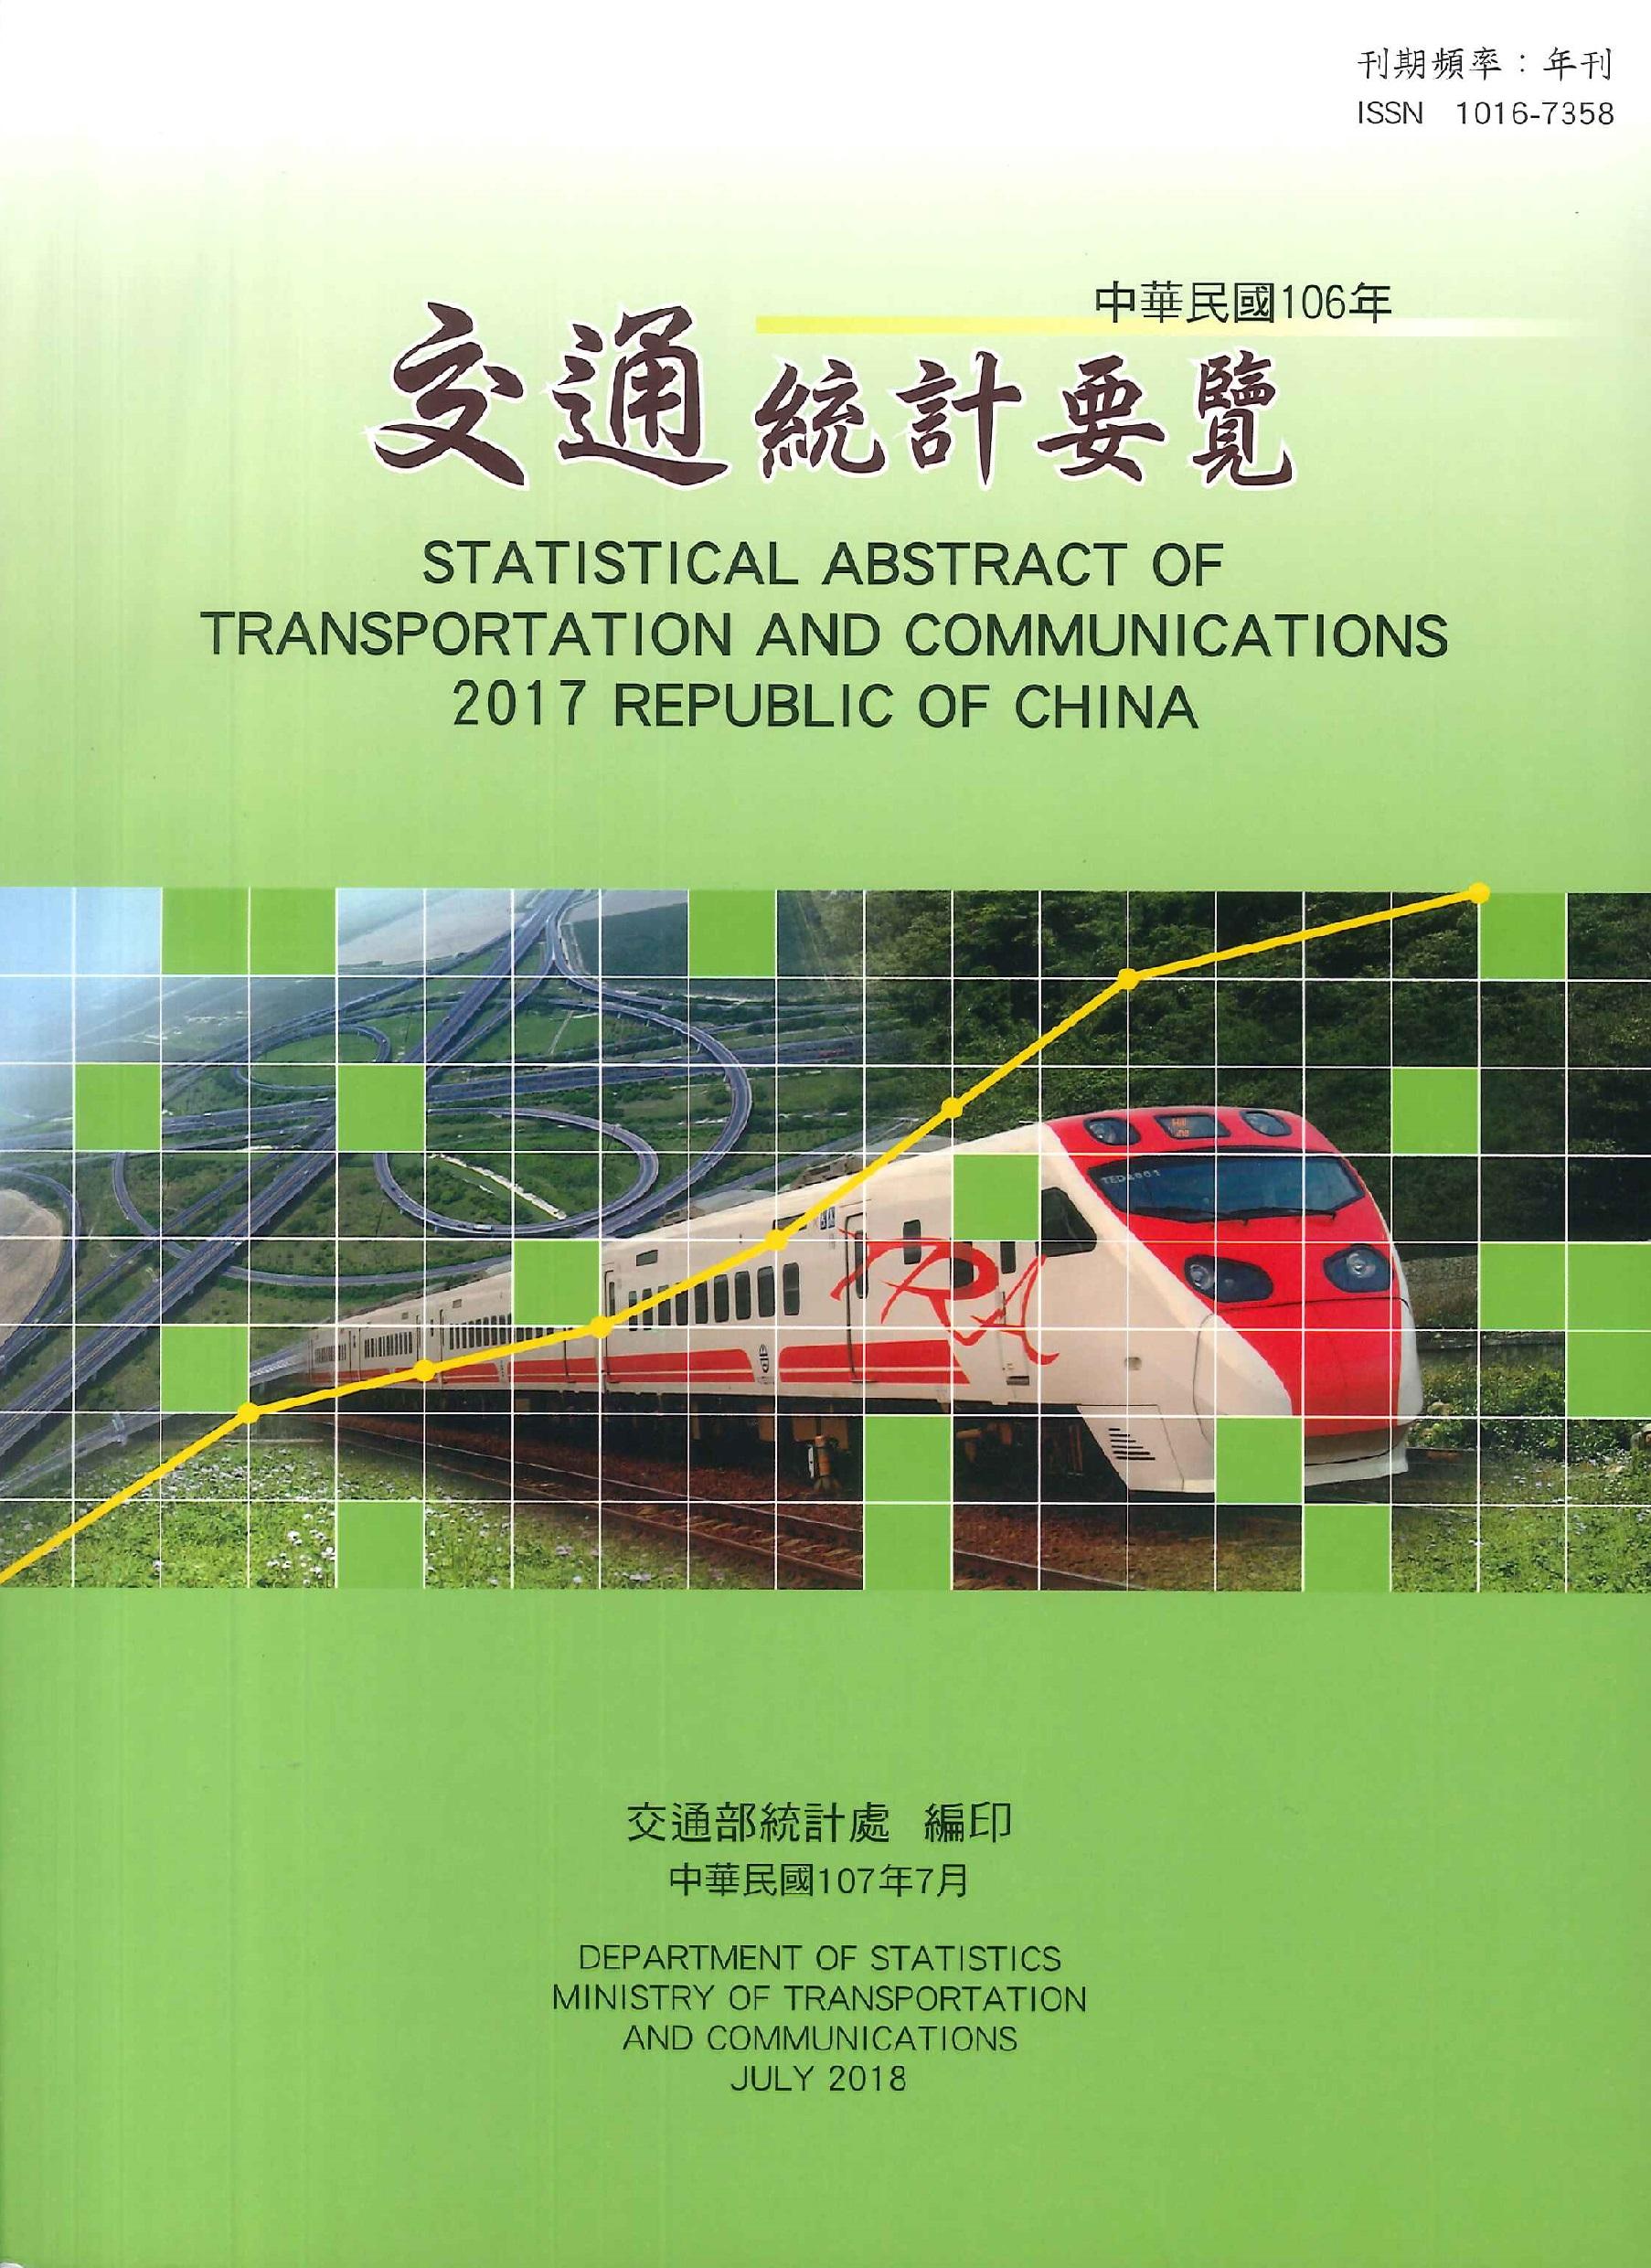 中華民國交通統計要覽=Statistical abstract of transportation and communications, Republic of China